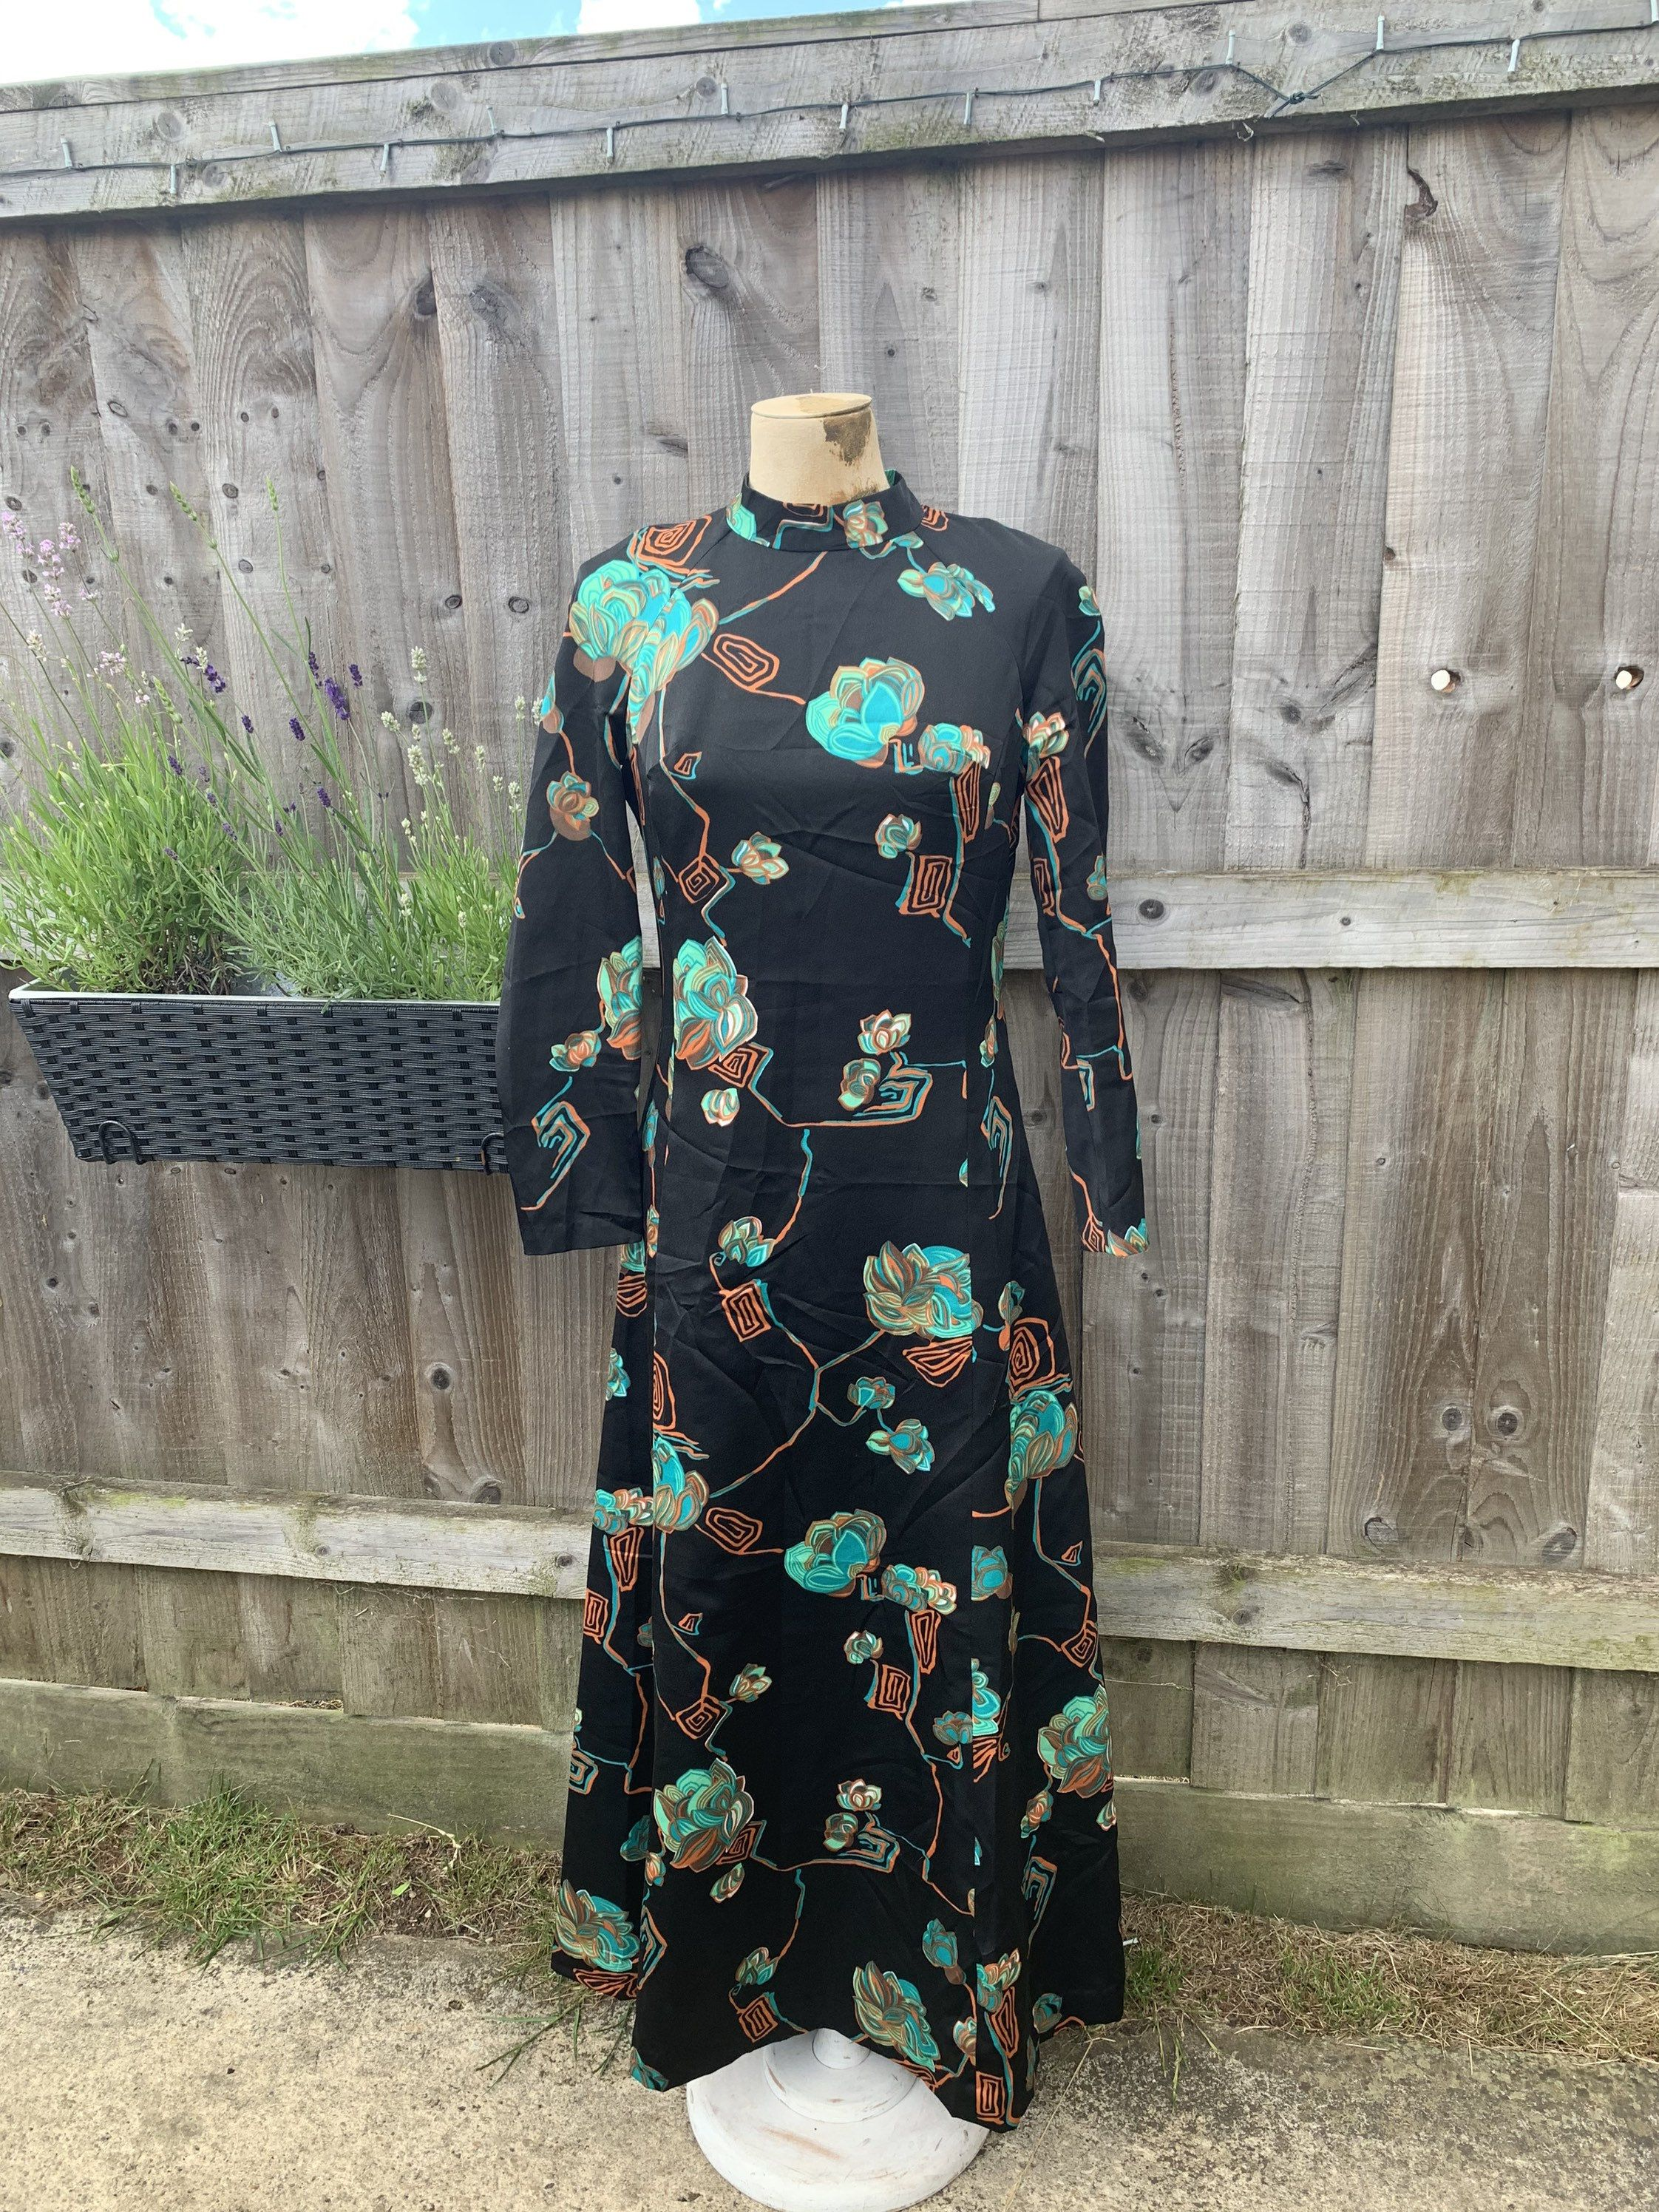 Vintage Maxi Dress 1970s Floral Maxi Green With Floral Design Etsy Vintage Maxi Dress Classic Summer Dresses Floral Maxi [ 2992 x 2244 Pixel ]